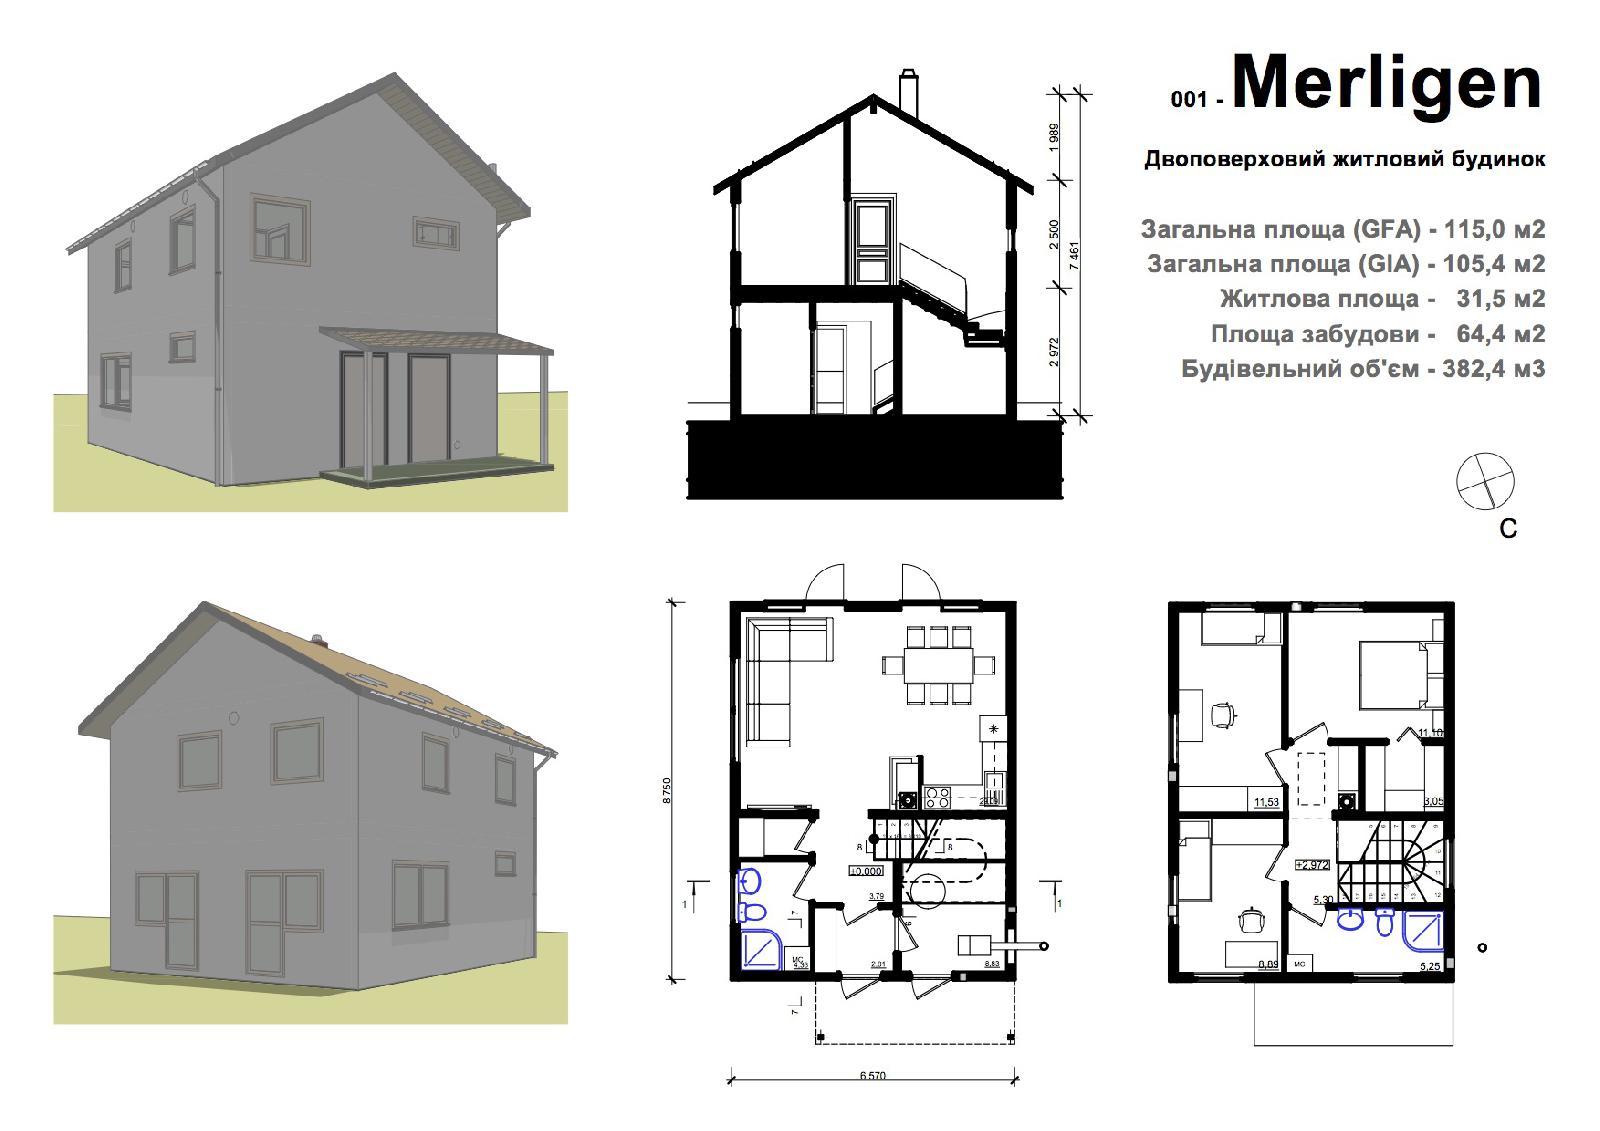 Проект: Дома из sip-панелей